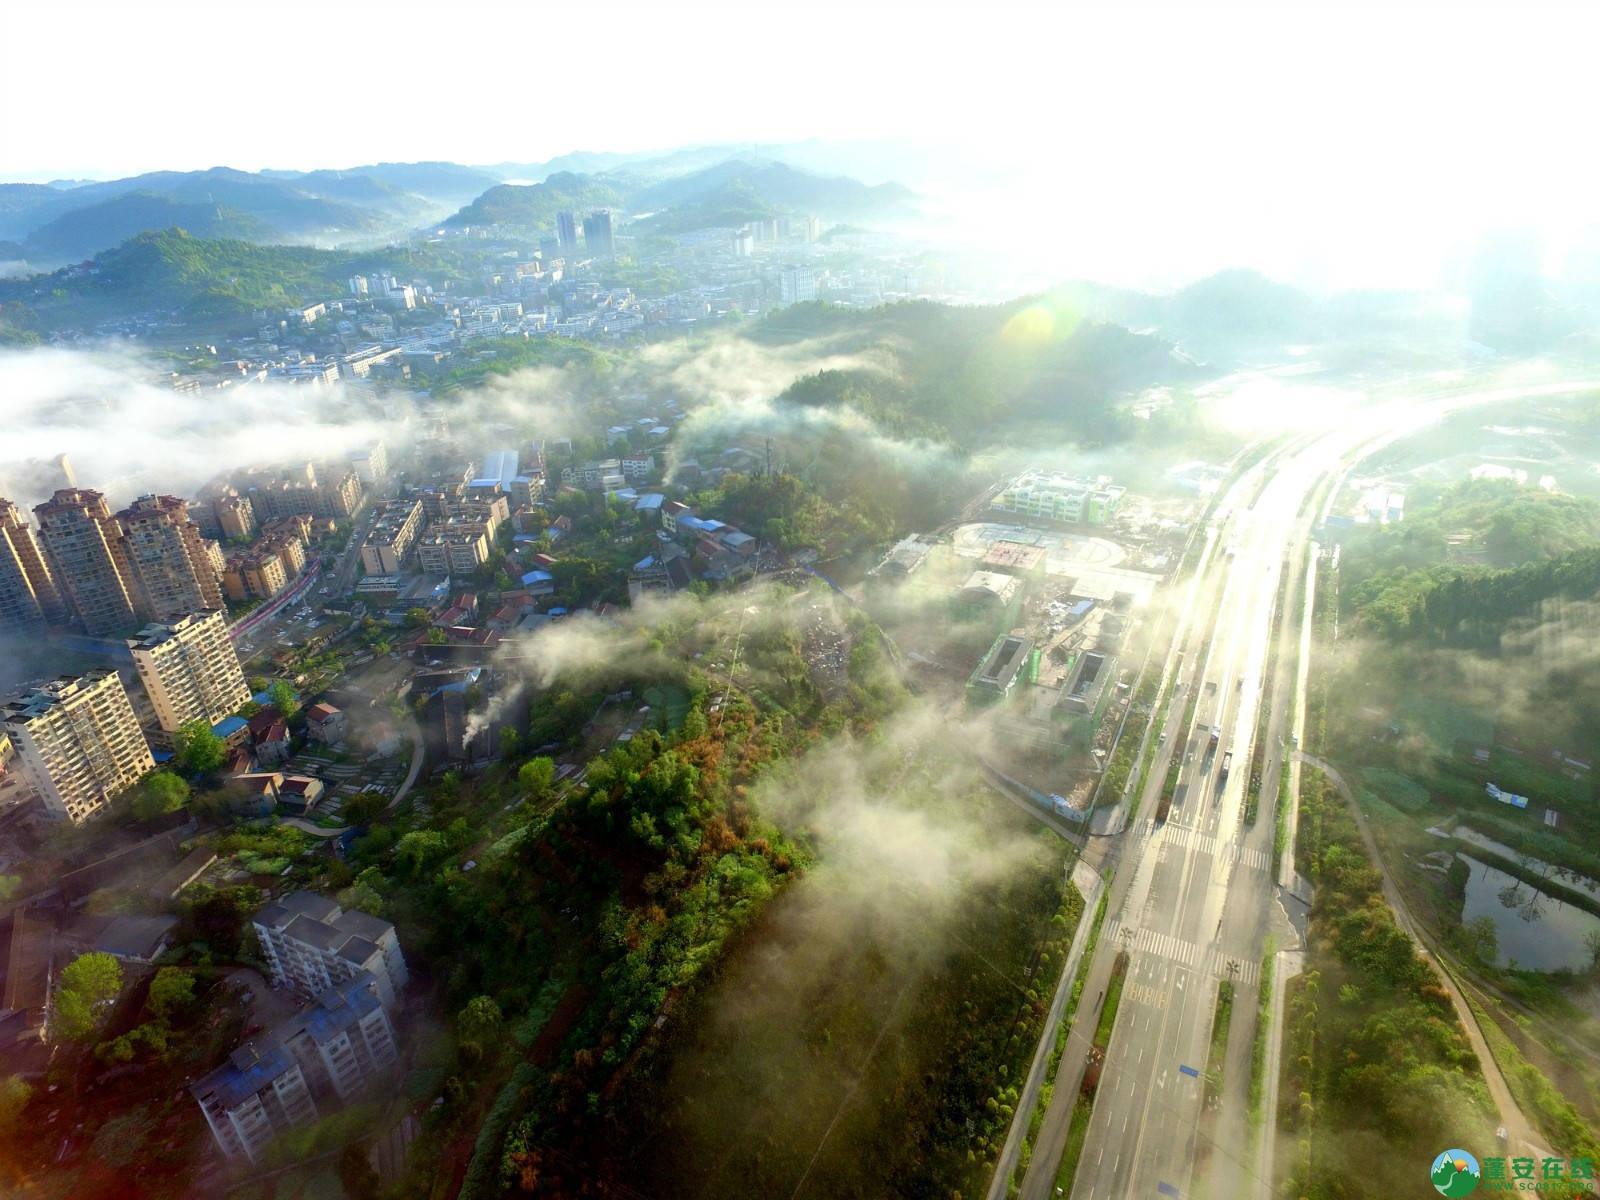 雾境蓬安 - 第24张  | 蓬安在线